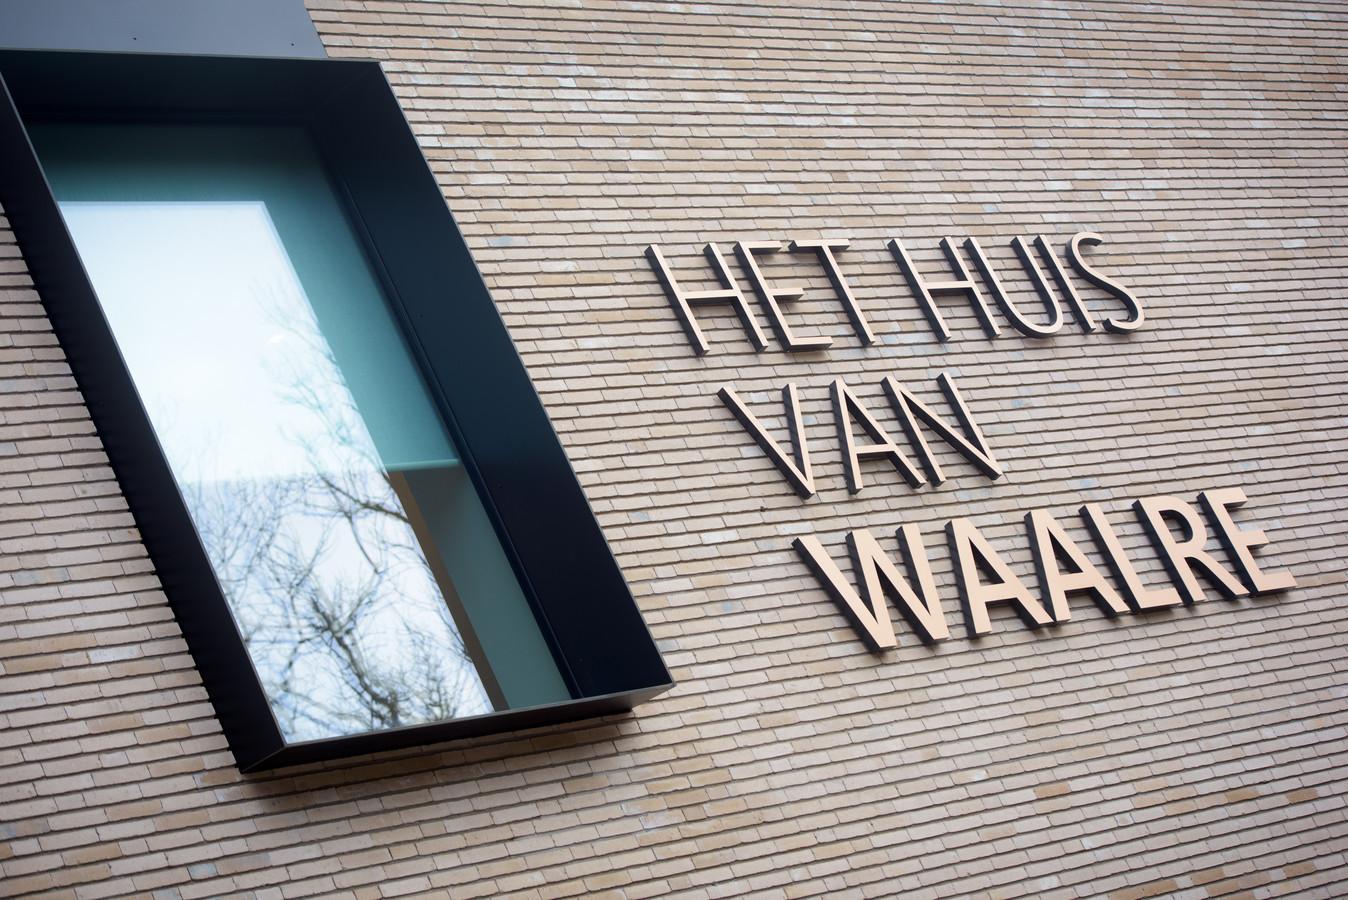 WAALRE - Gemeentehuis - Het huis van Waalre